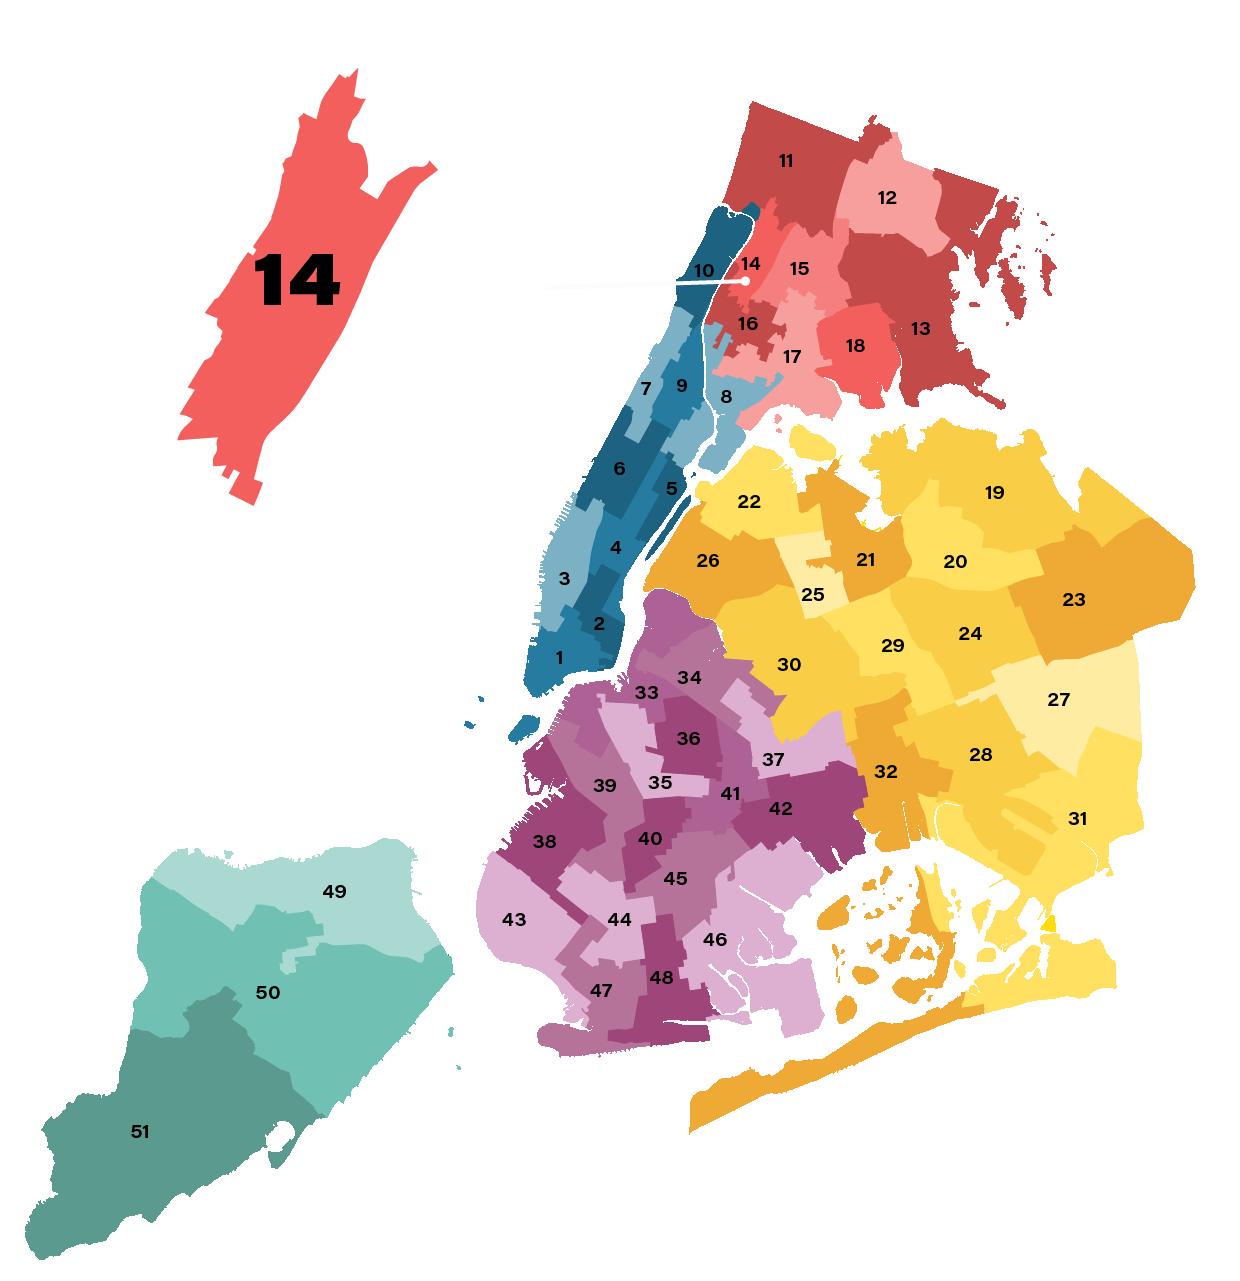 City Council District 14